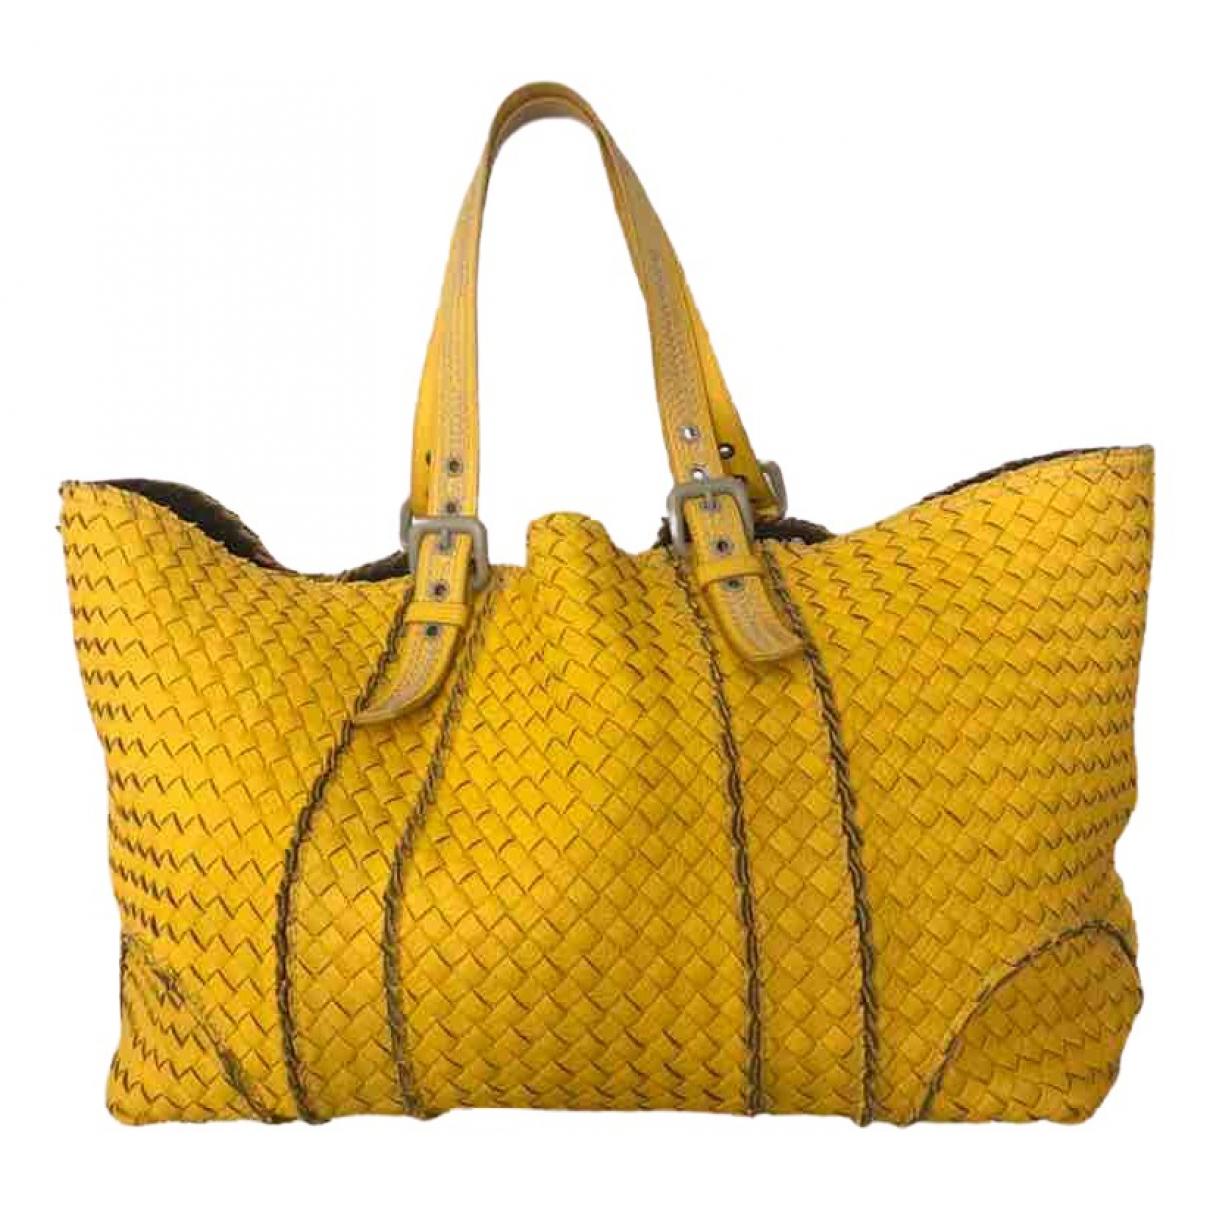 Bottega Veneta Cabat Handtasche in  Gelb Leder